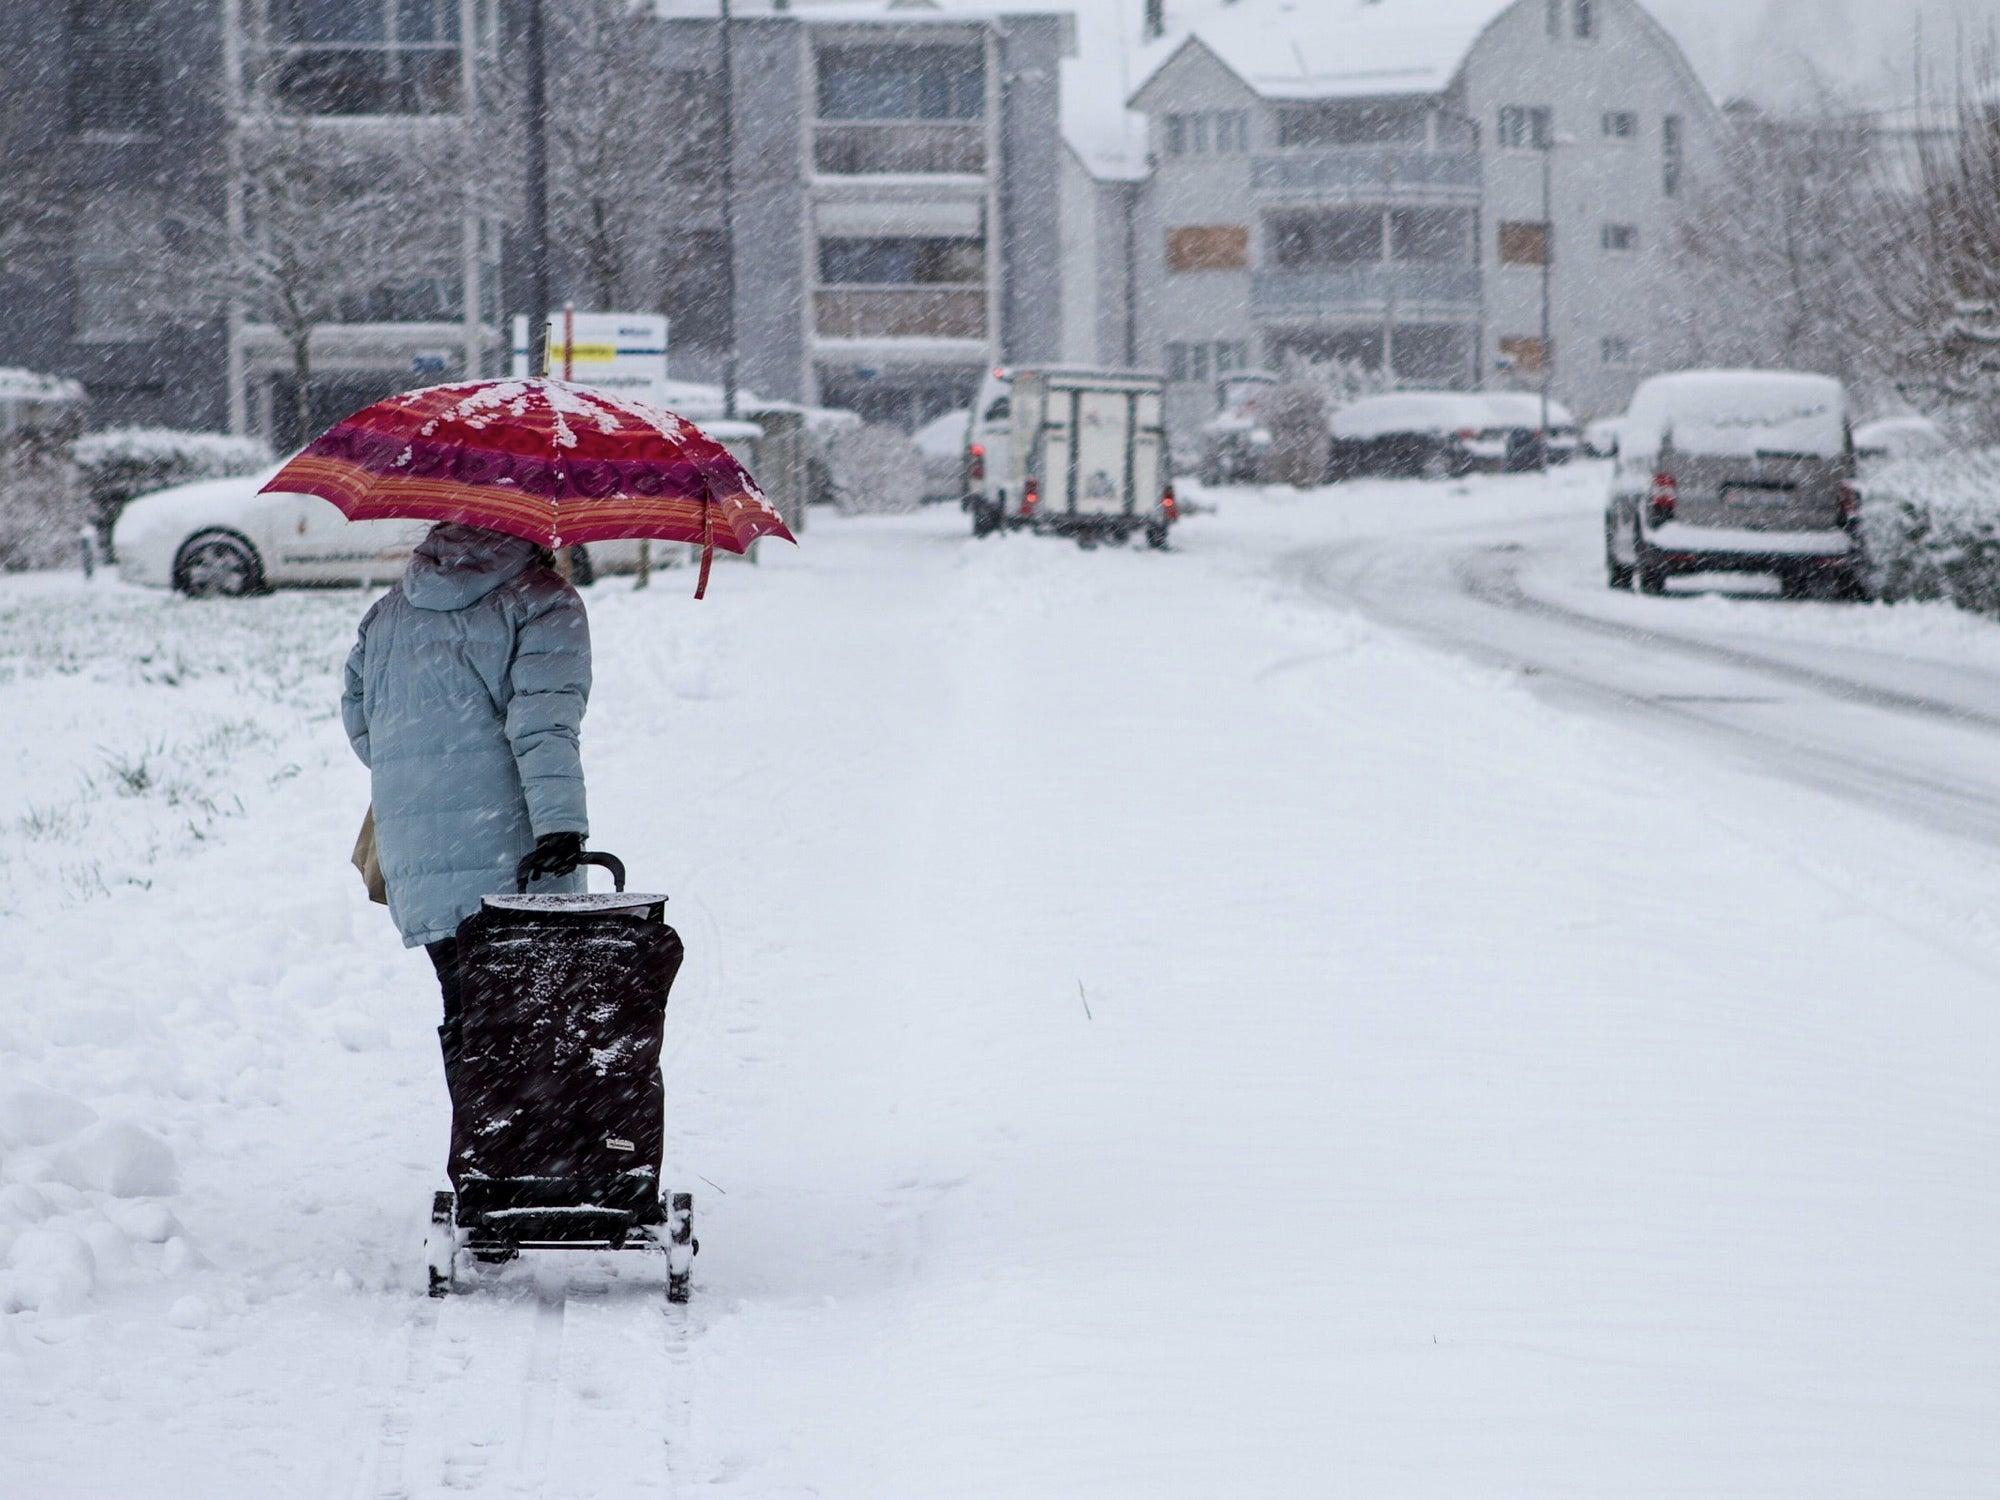 person walking in snowy street